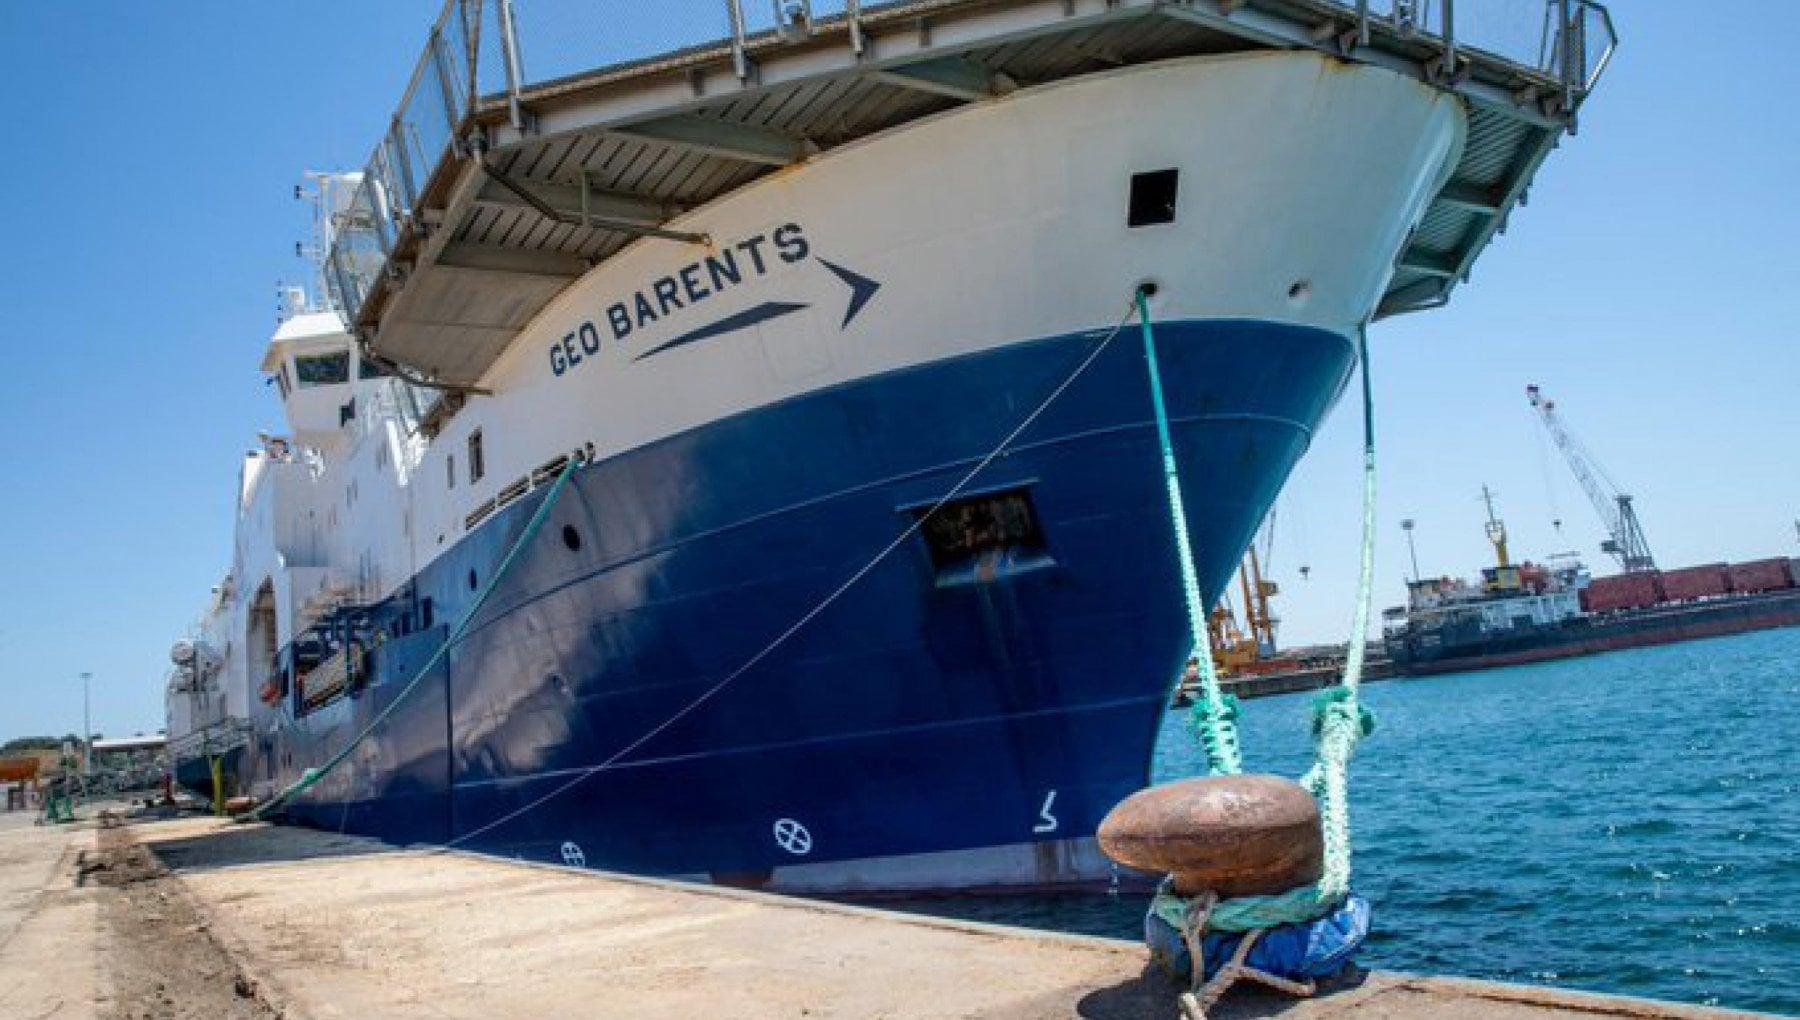 """182119310 48c63ee9 202f 43f7 9d30 5a869c324aa8 - Migranti, la Guardia costiera blocca anche la nave di Msf. La Ong: """" E intanto in mare si continua a morire"""""""